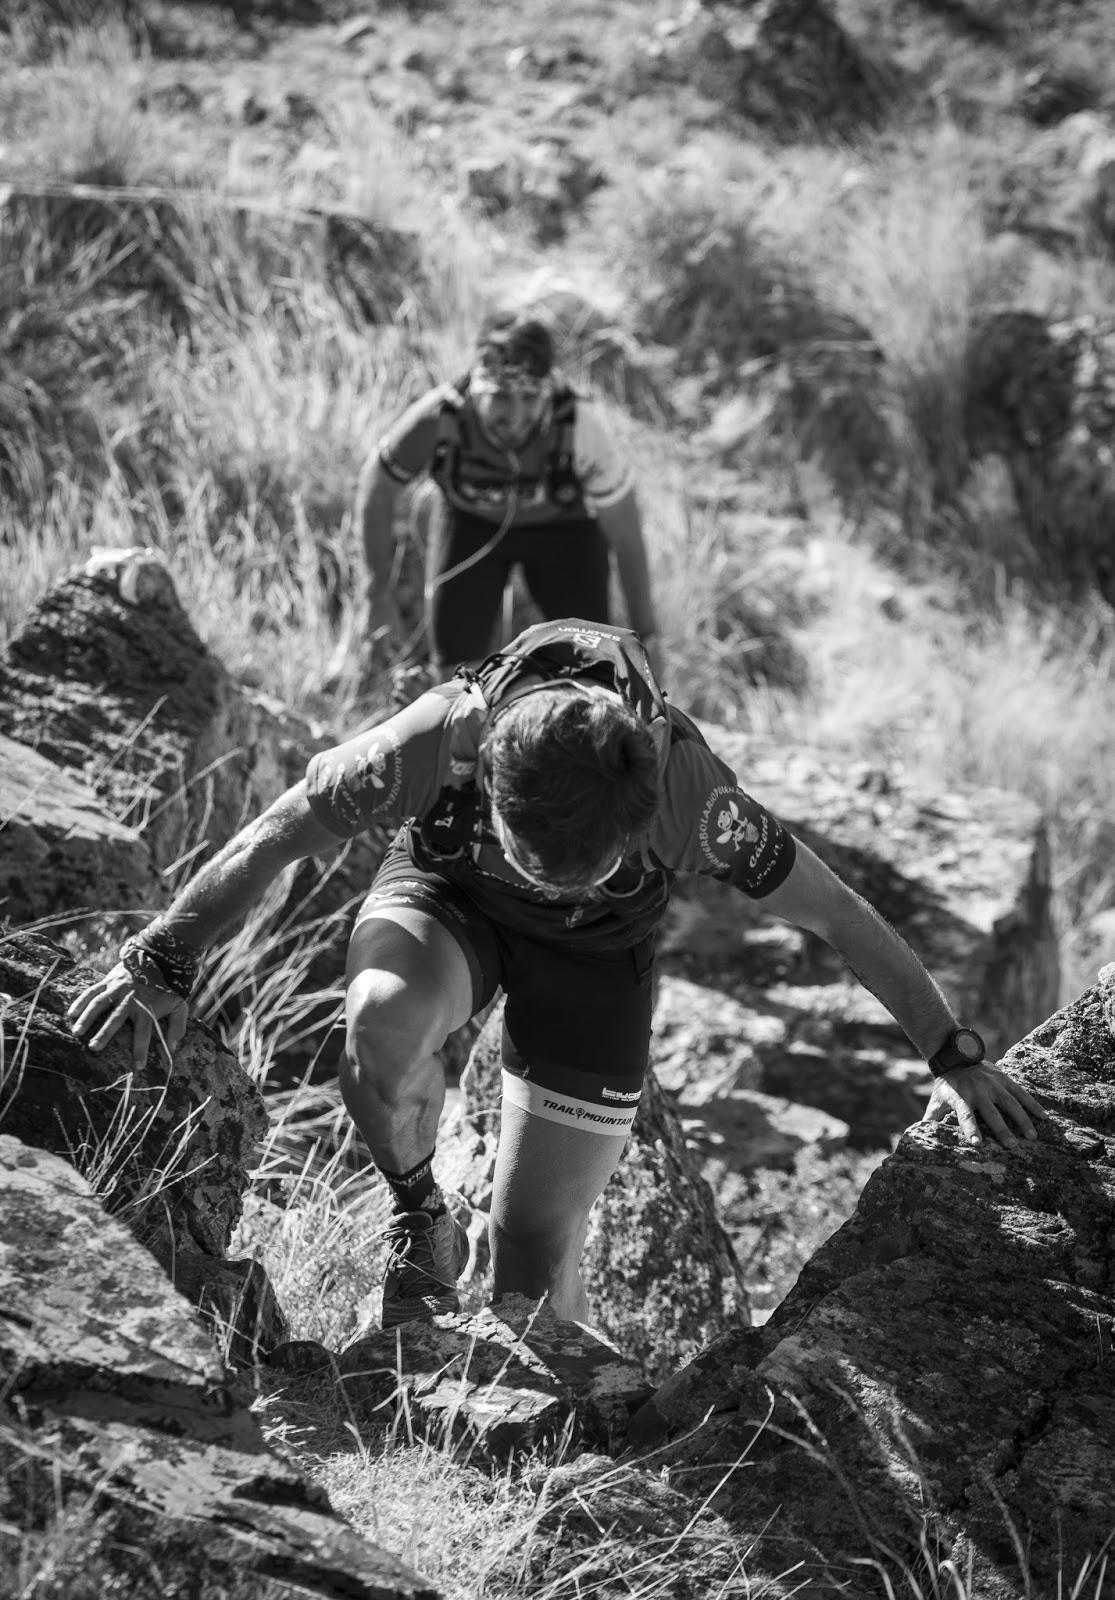 Ramón Antonio Timón gana el corcurso fotográfico del Maratón Artesanos 2016